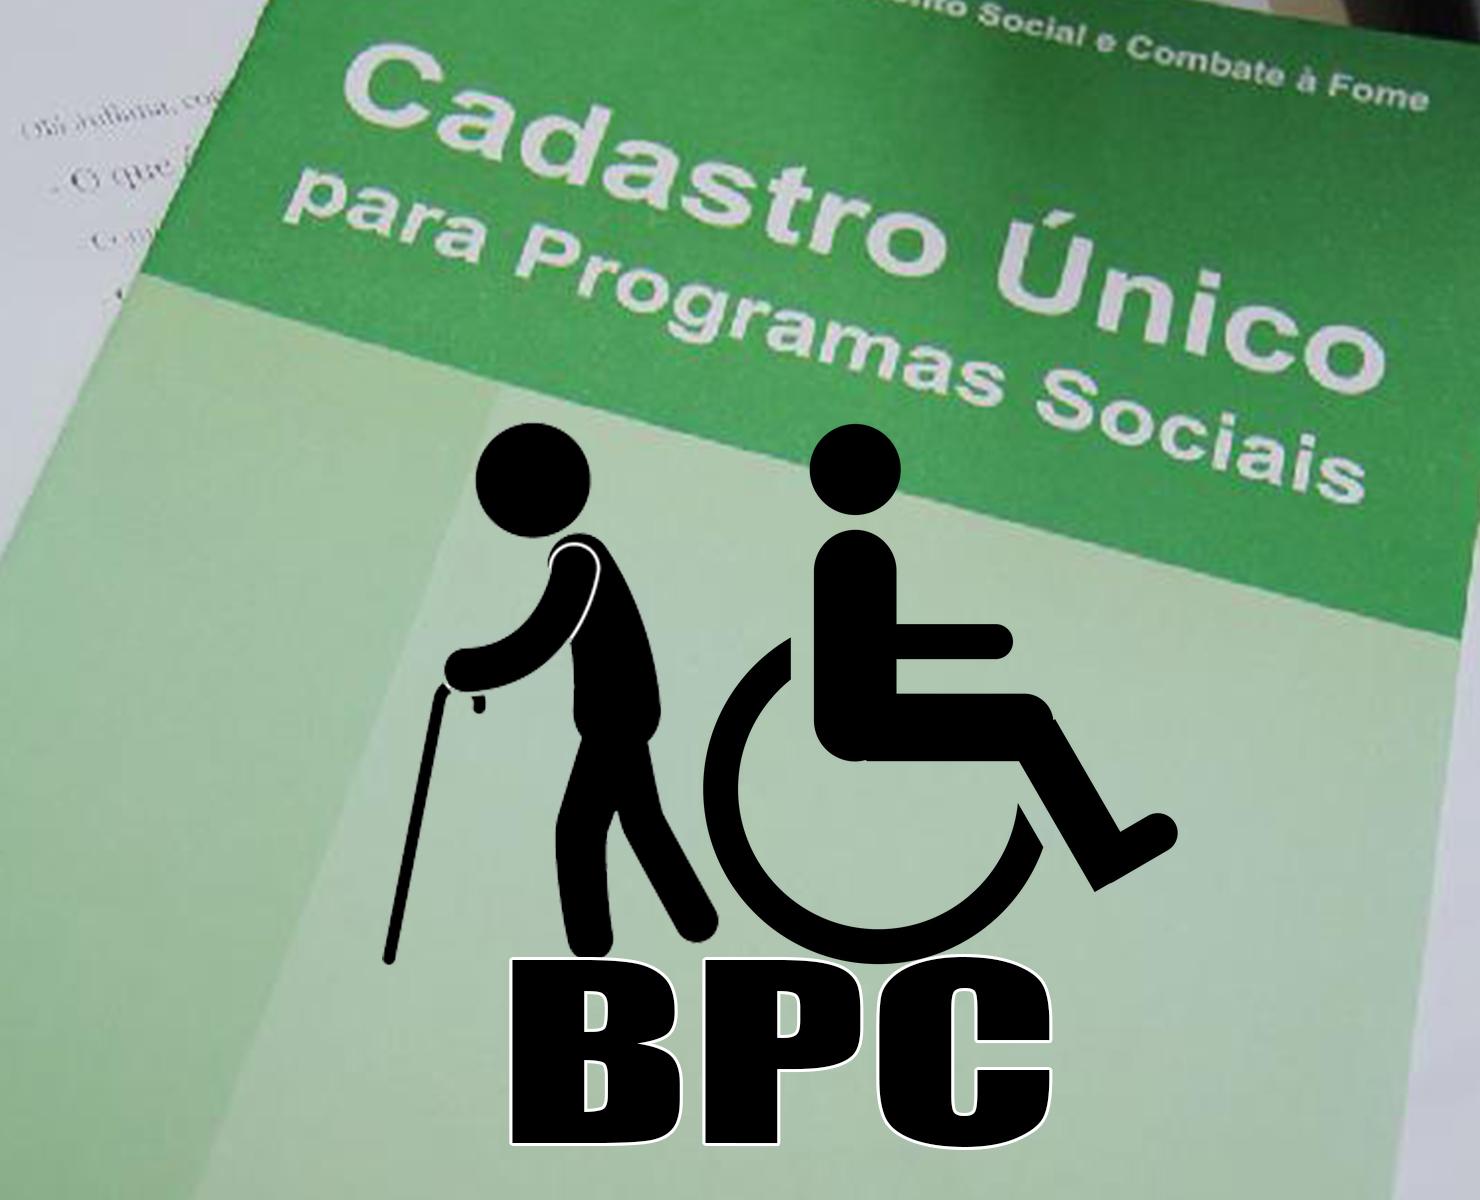 BPC: PRAZO PARA CADASTRO DE NASCIDOS EM ABRIL TERMINA NESTA SEGUNDA